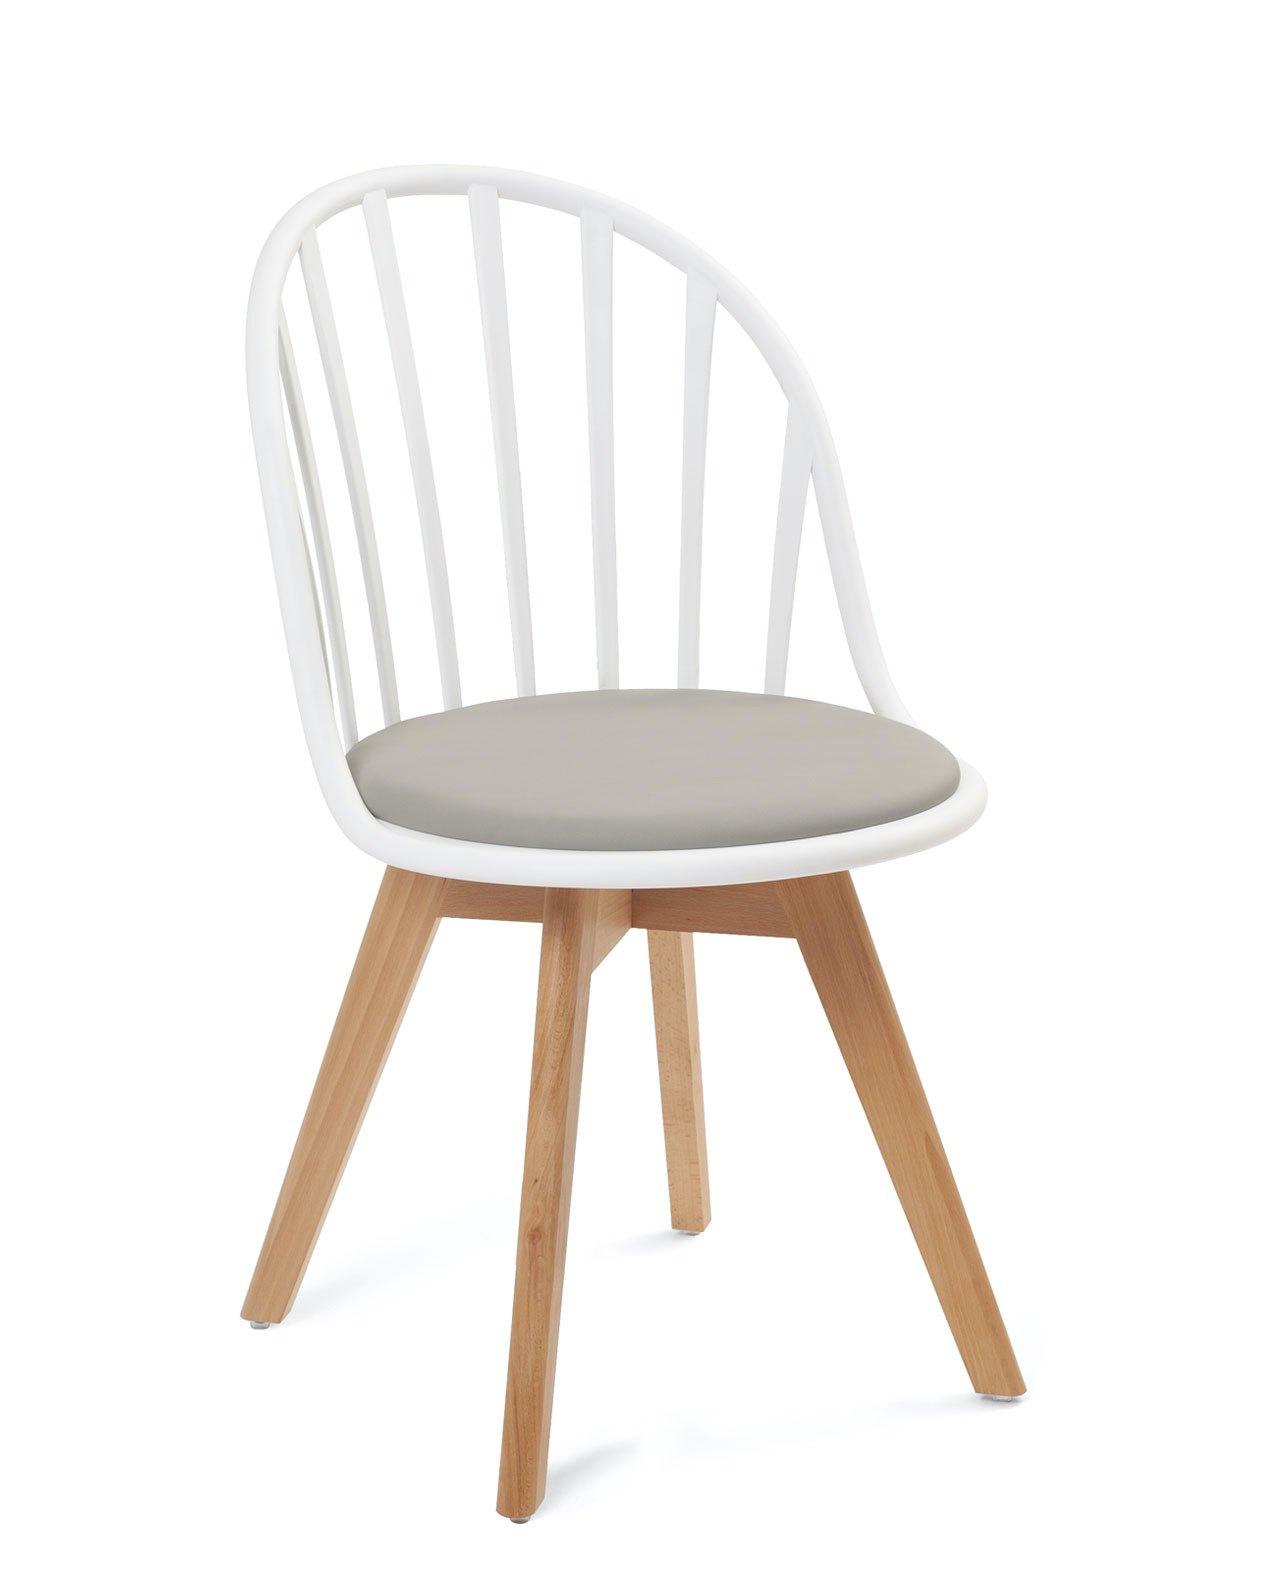 chaise scandinave a barreaux avec coussin bold lot de 2